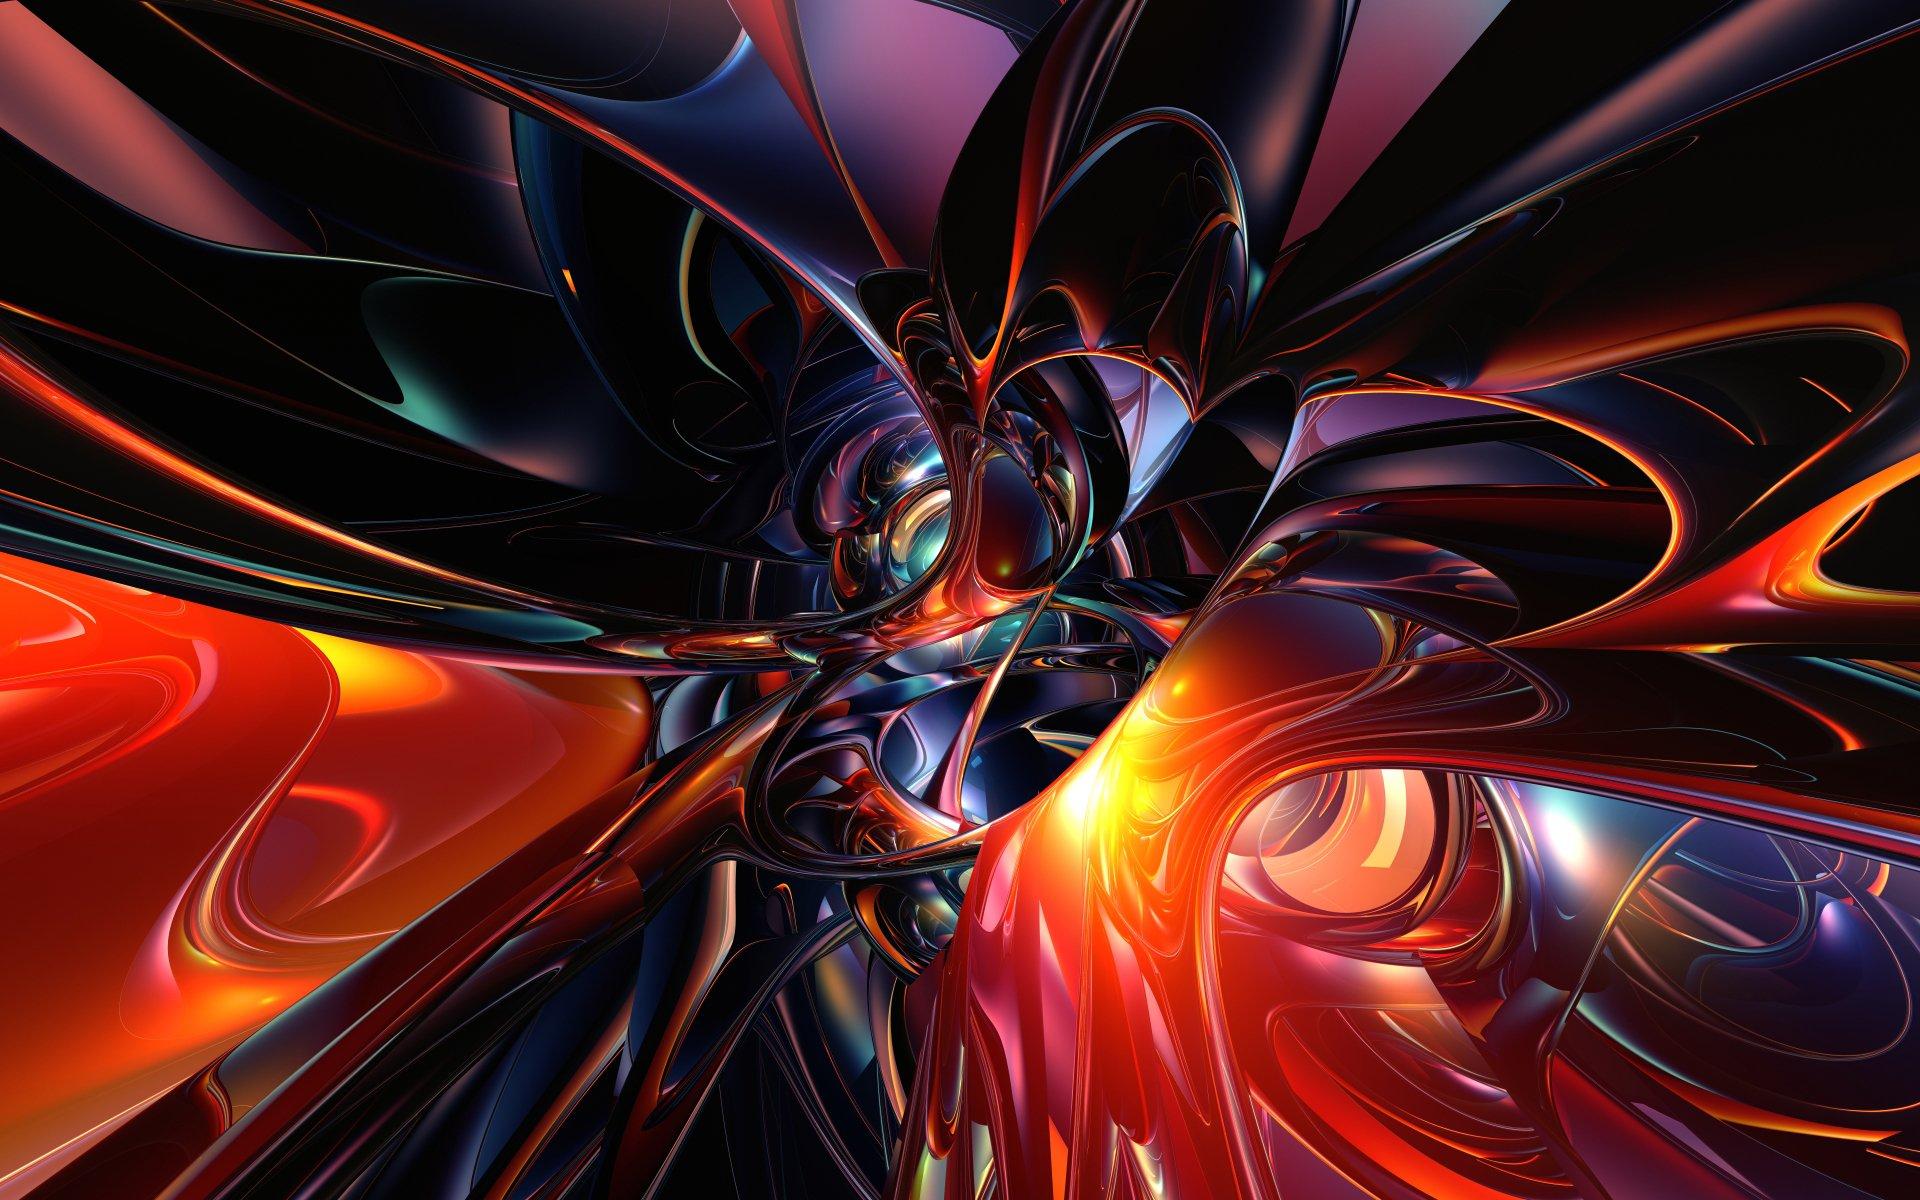 фрактал абстракция красная  № 3675183 бесплатно